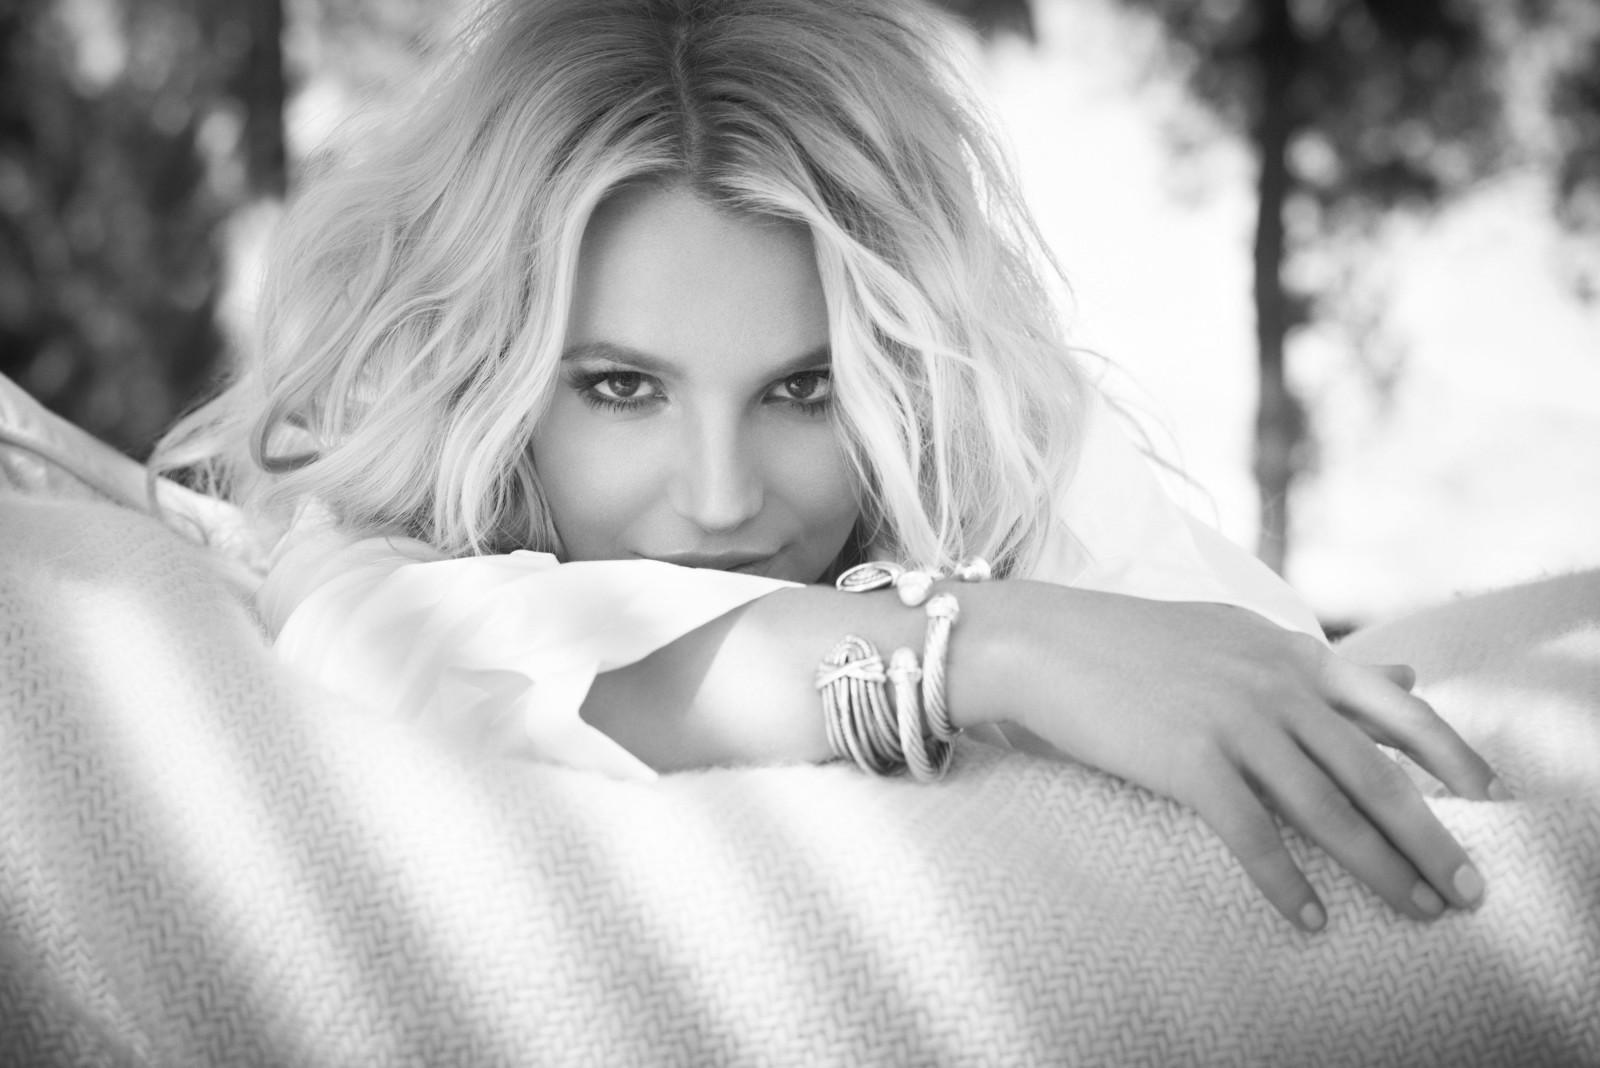 Черное белая картинка девушки блондинки лежа